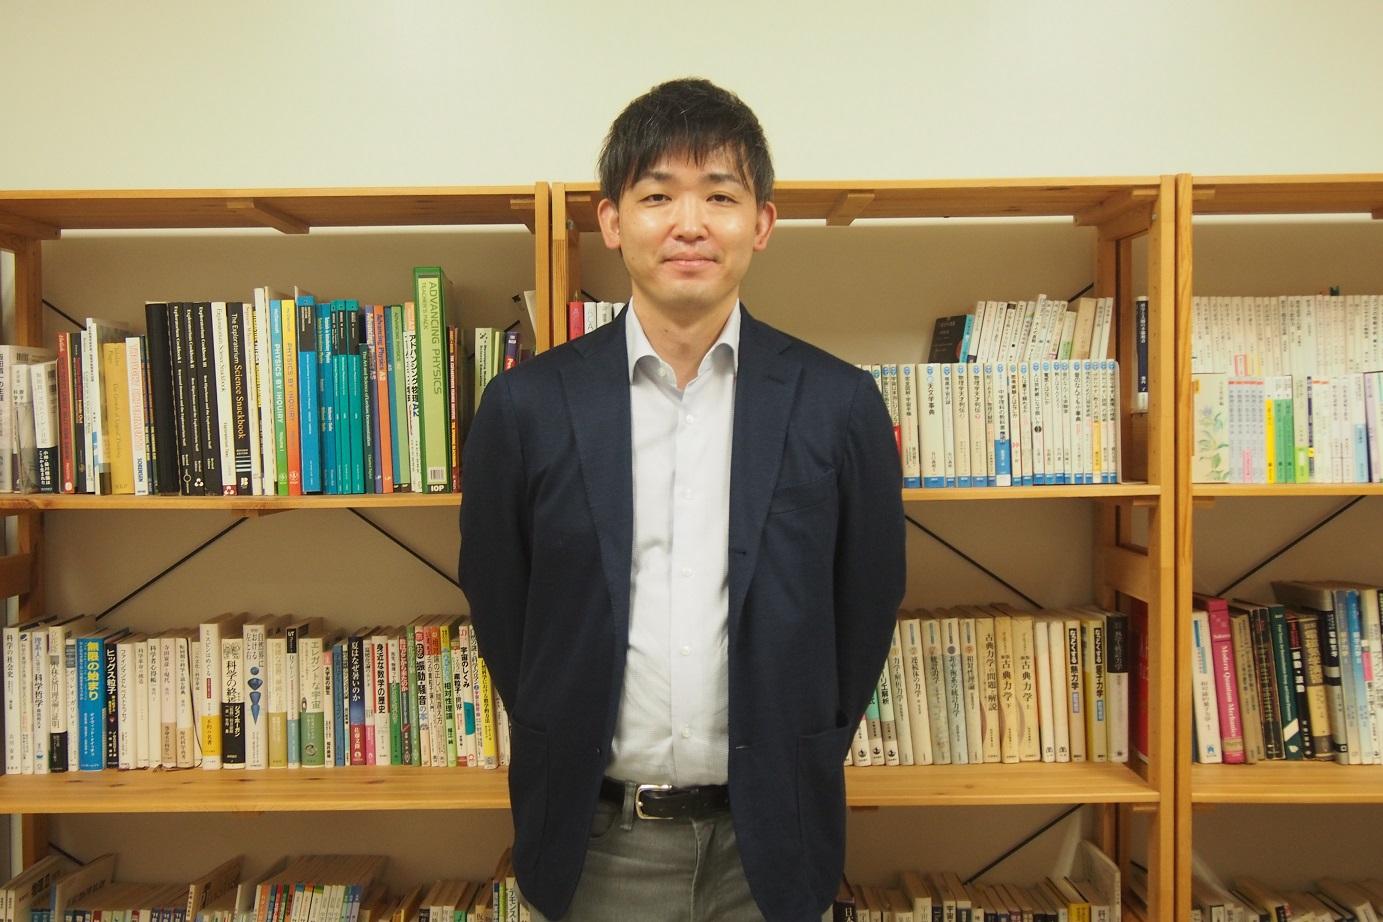 日本初 たった5問で最大32段階にレベル分けできるテストアプリを導入データ分析に基づく学士課程教育改革